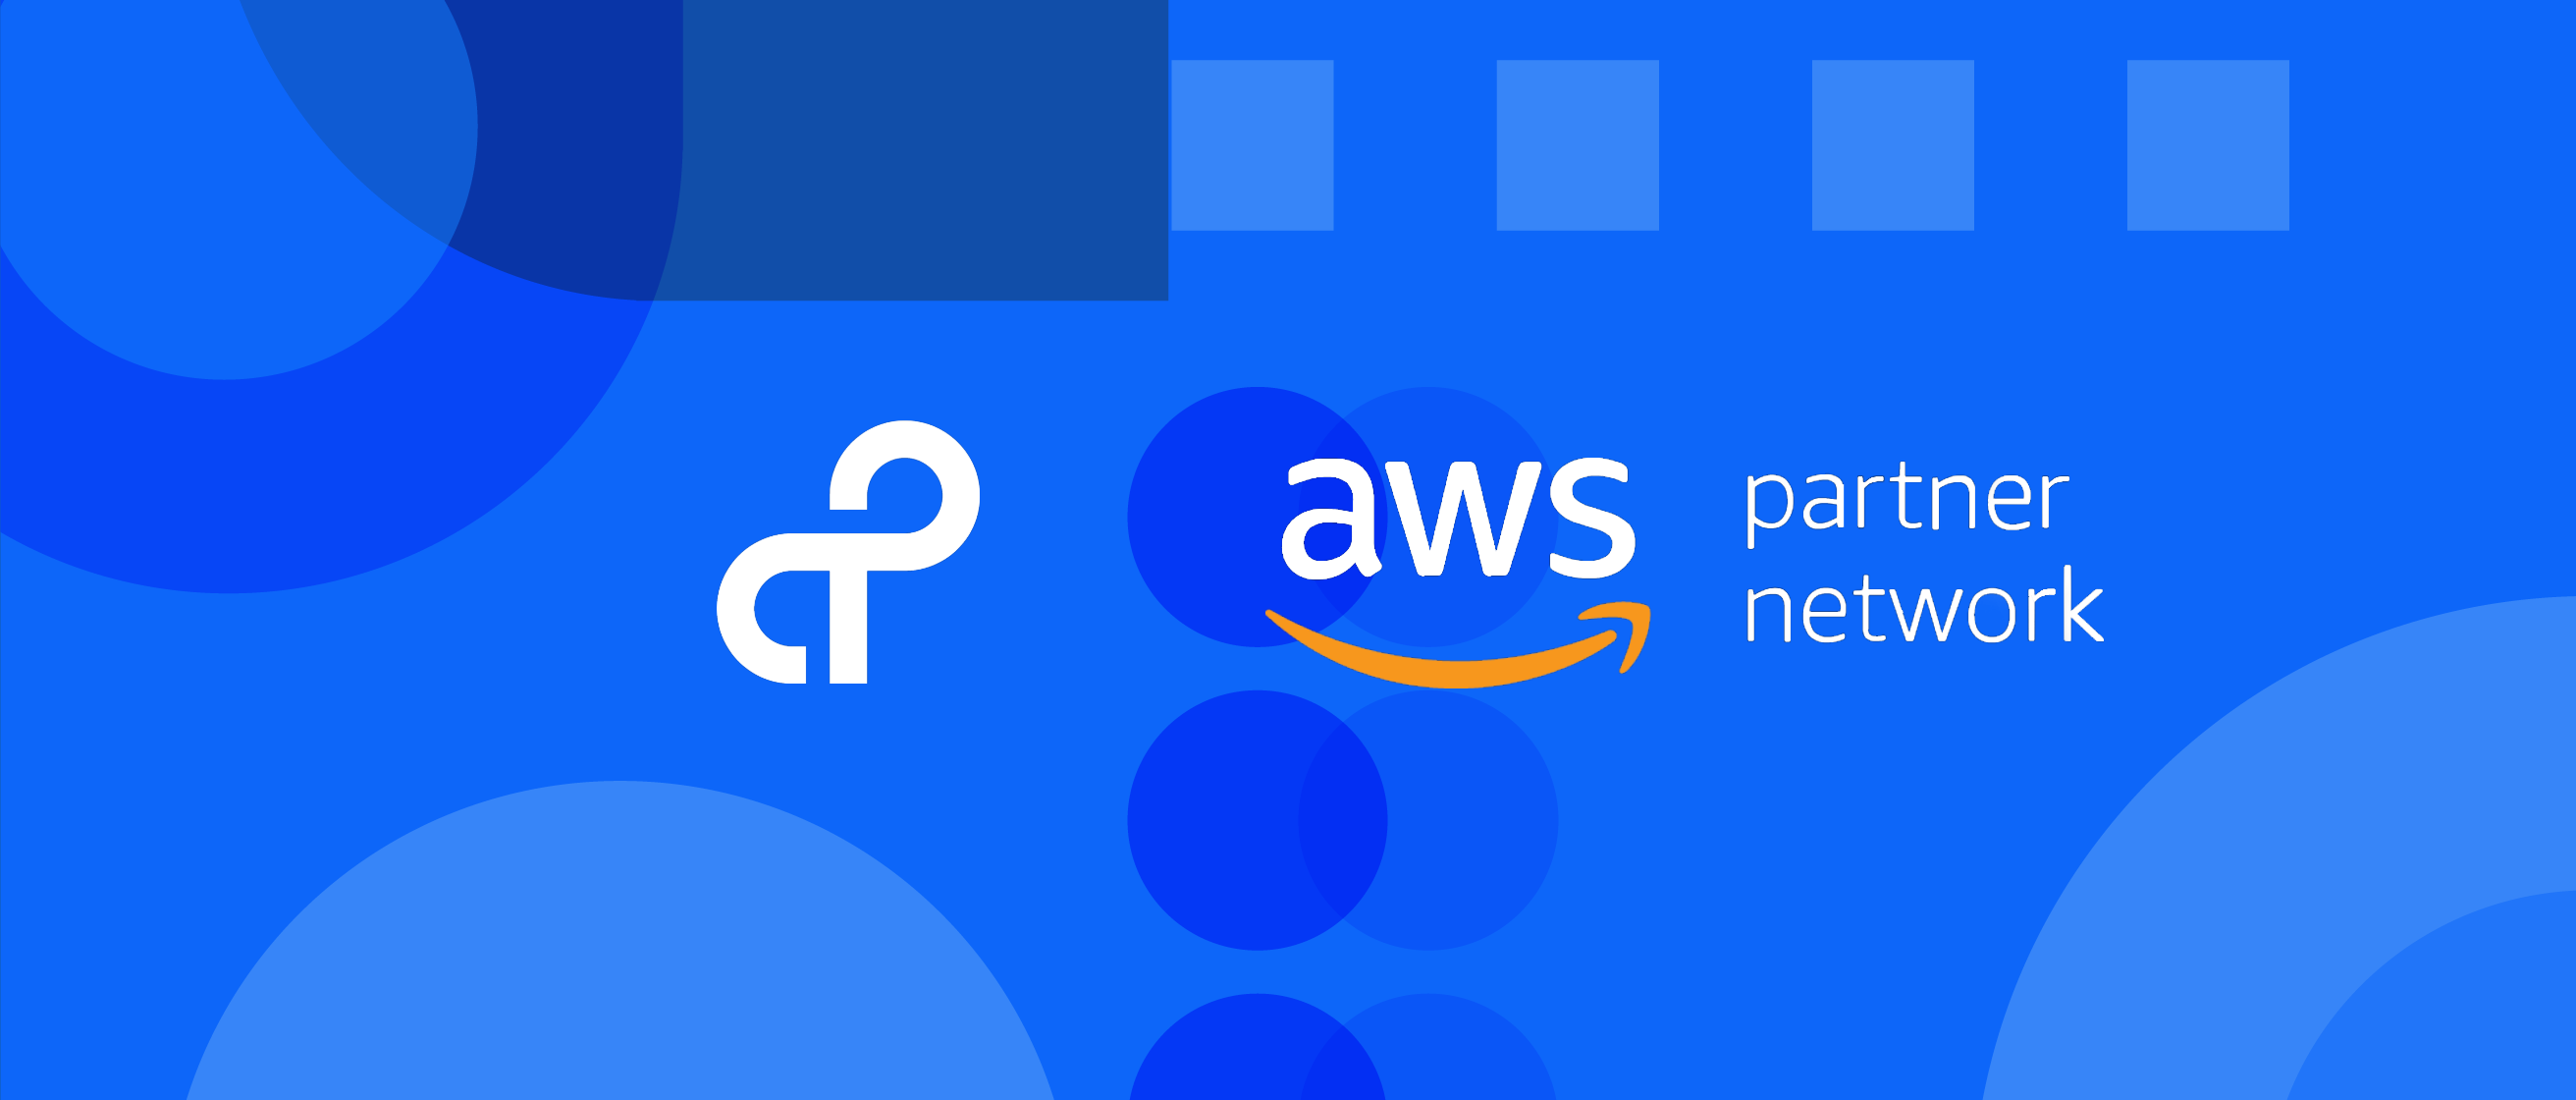 AWS Select Technology Partner - White